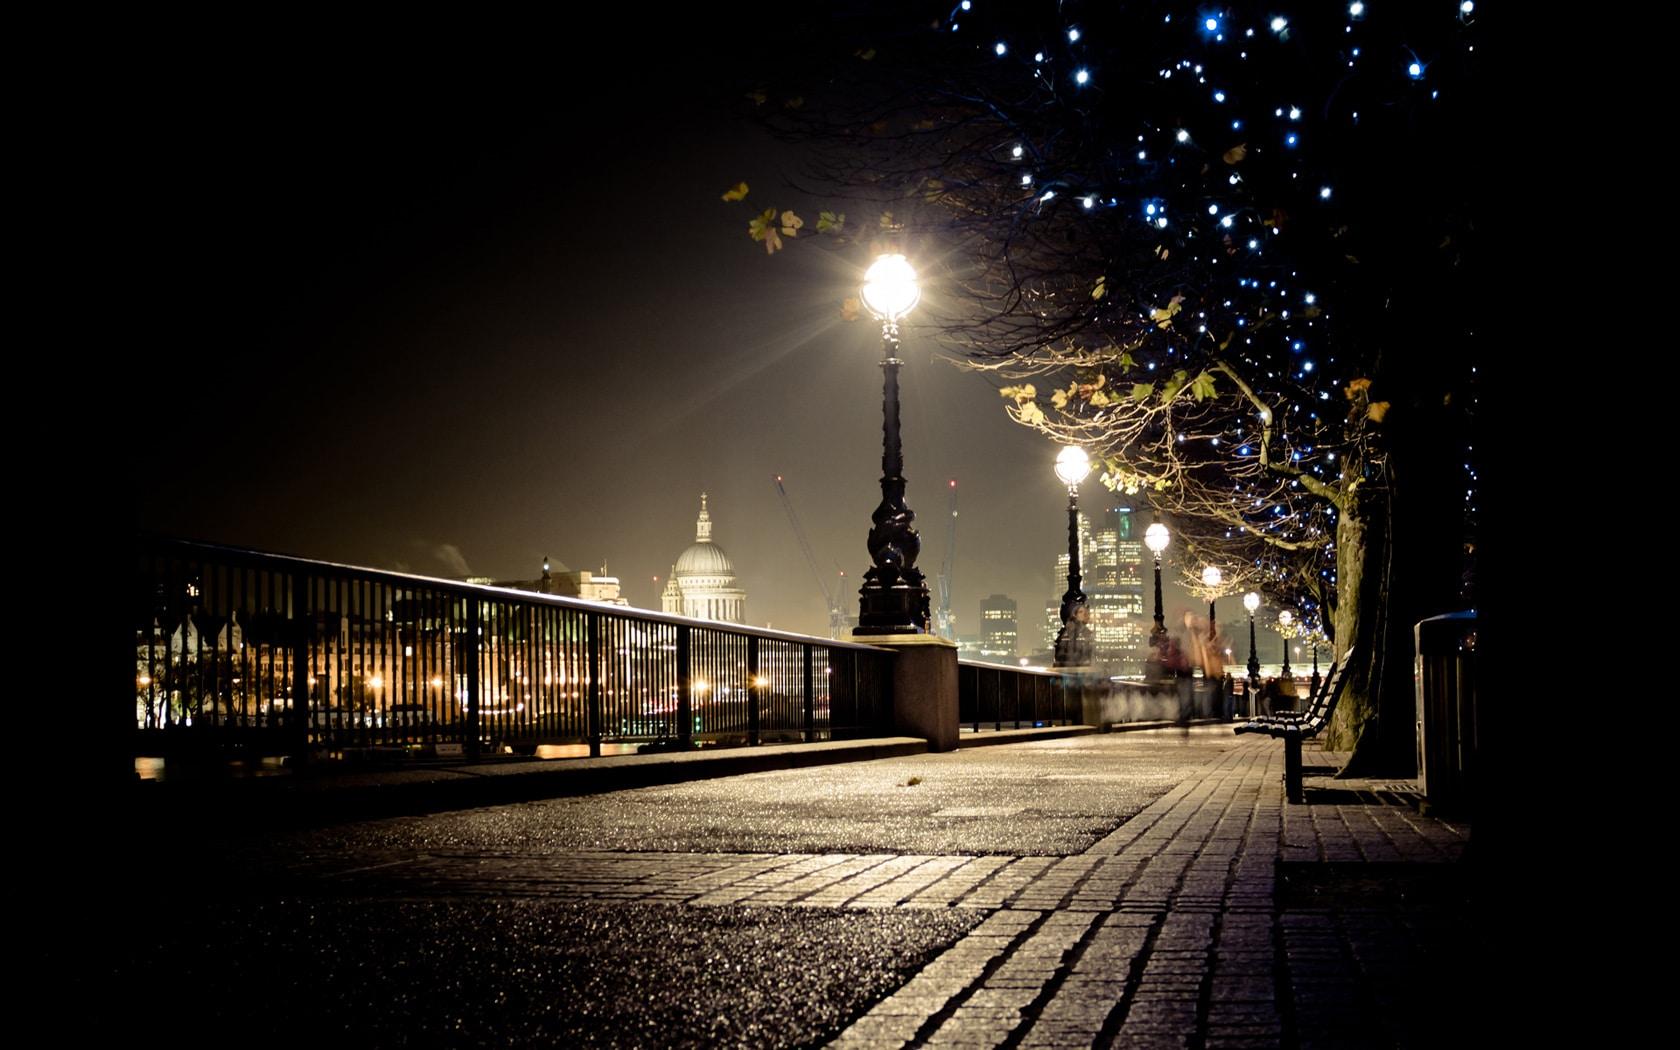 valentine special - take a stroll